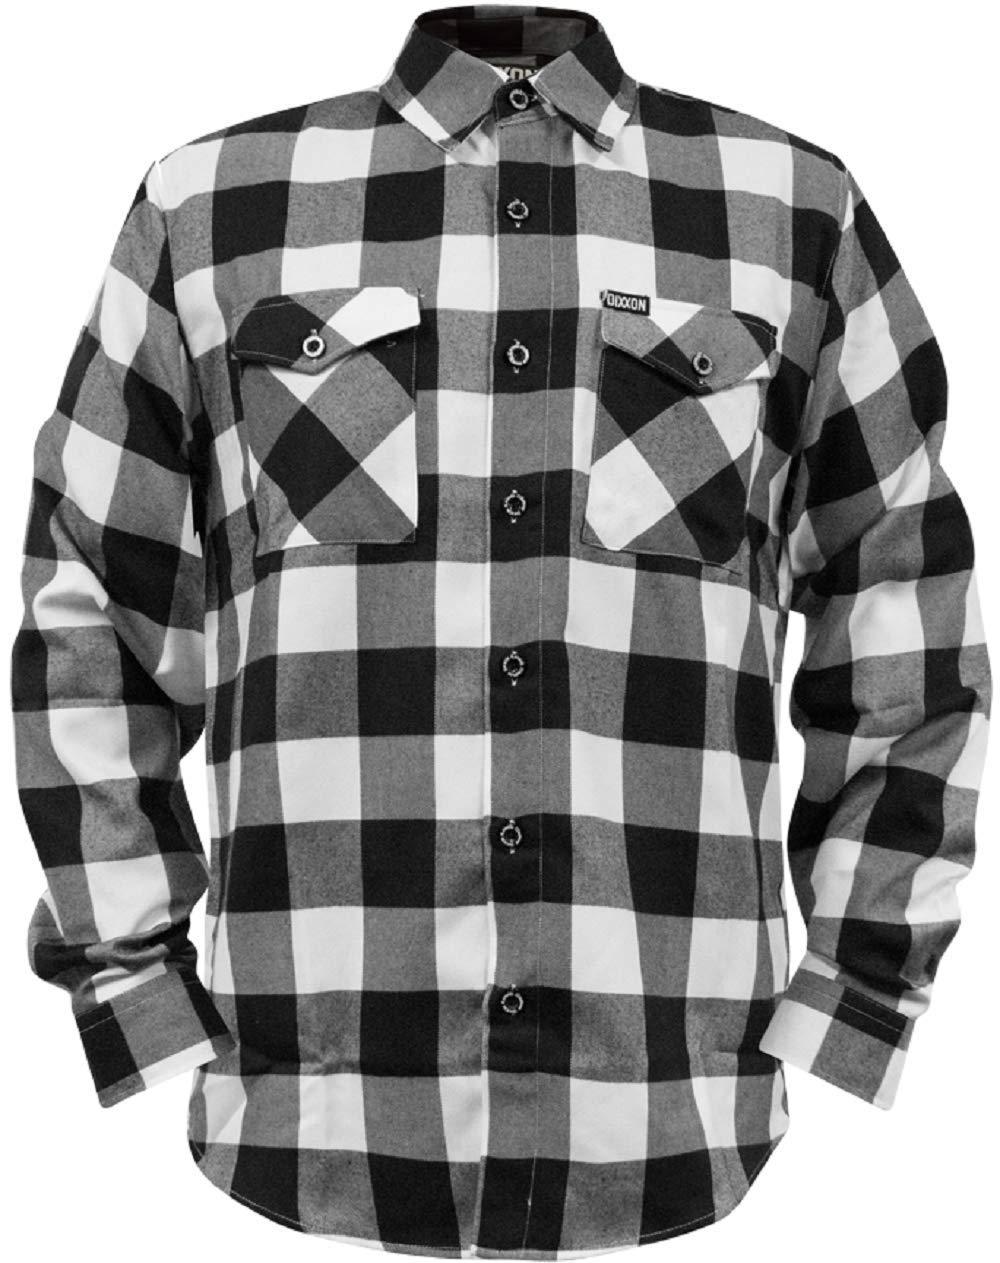 Doc's Motorcycle Parts DIXXON Flannel Shirt - Gringo (M)